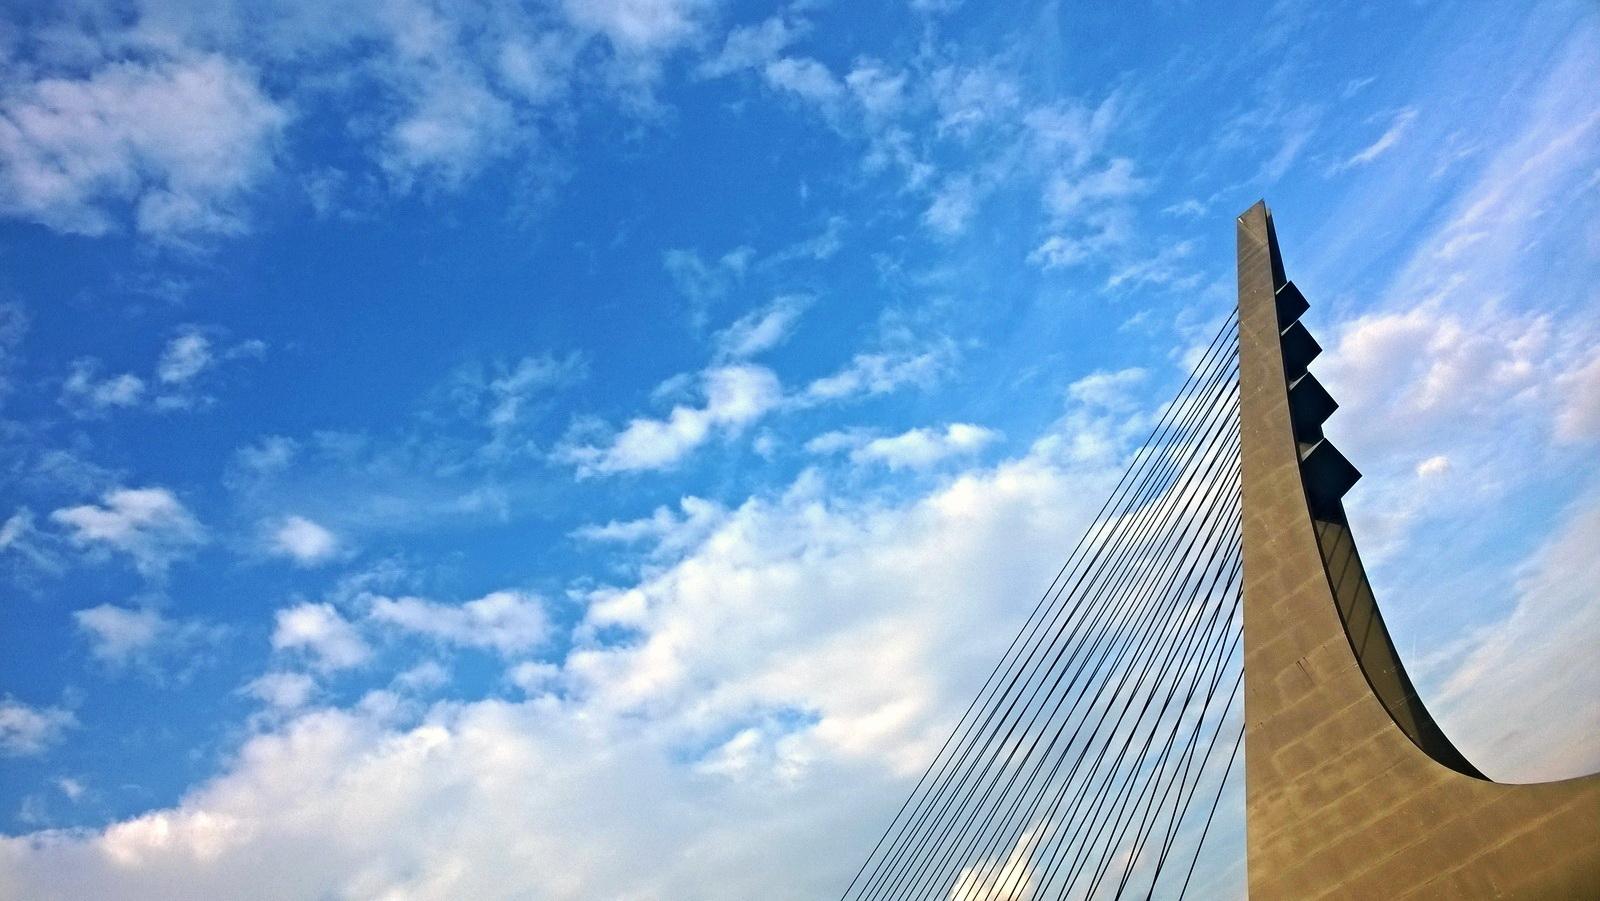 Harp bridge, CZ